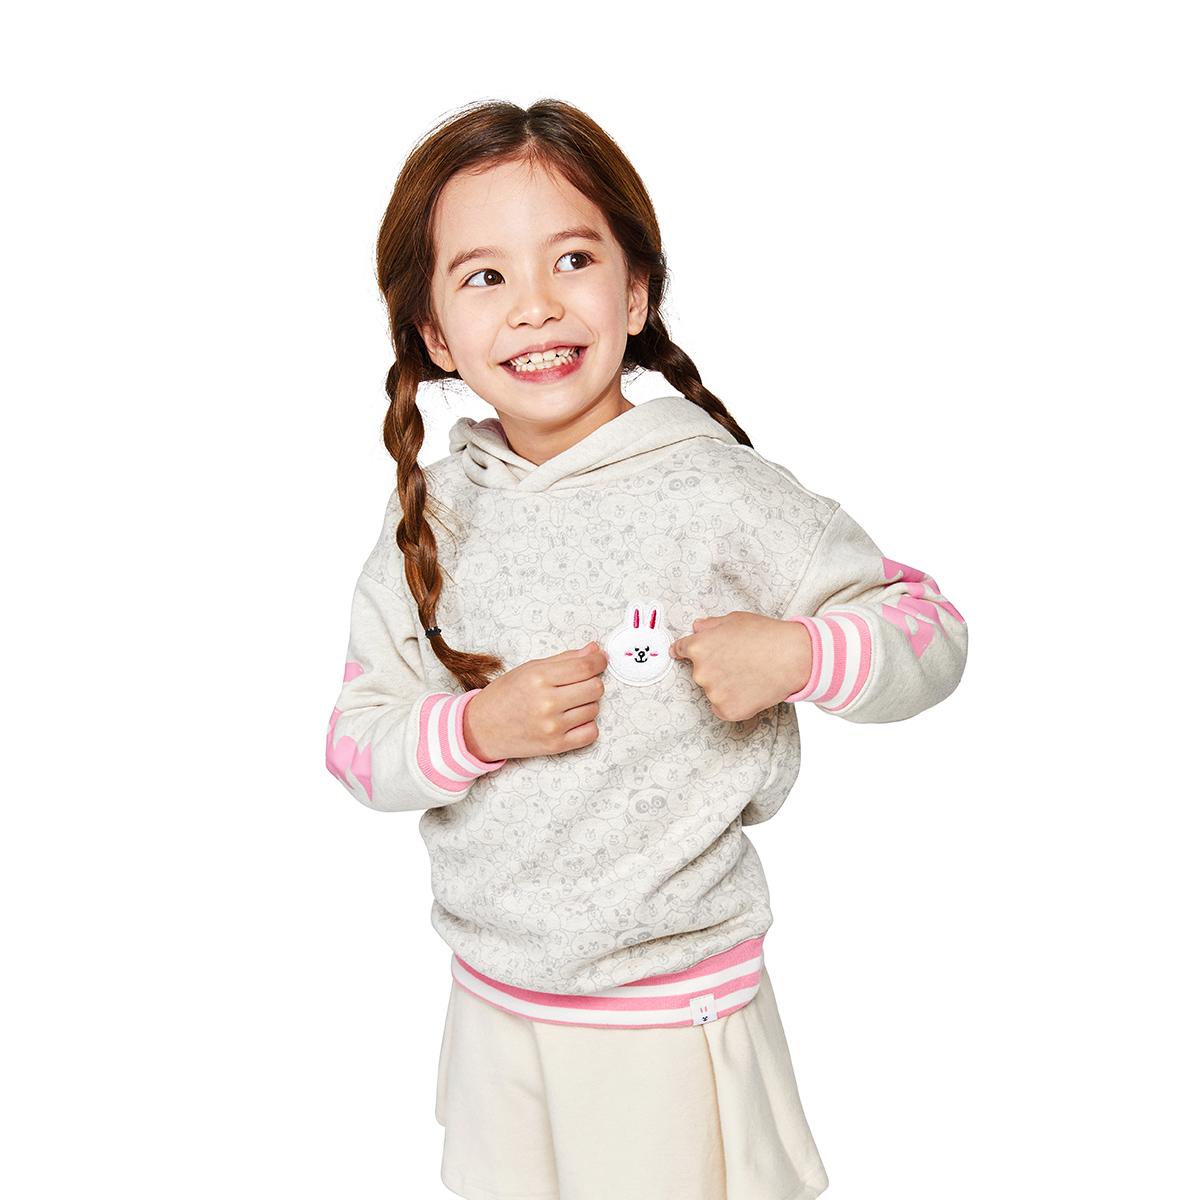 코니 키즈 면 기모 후드 티셔츠